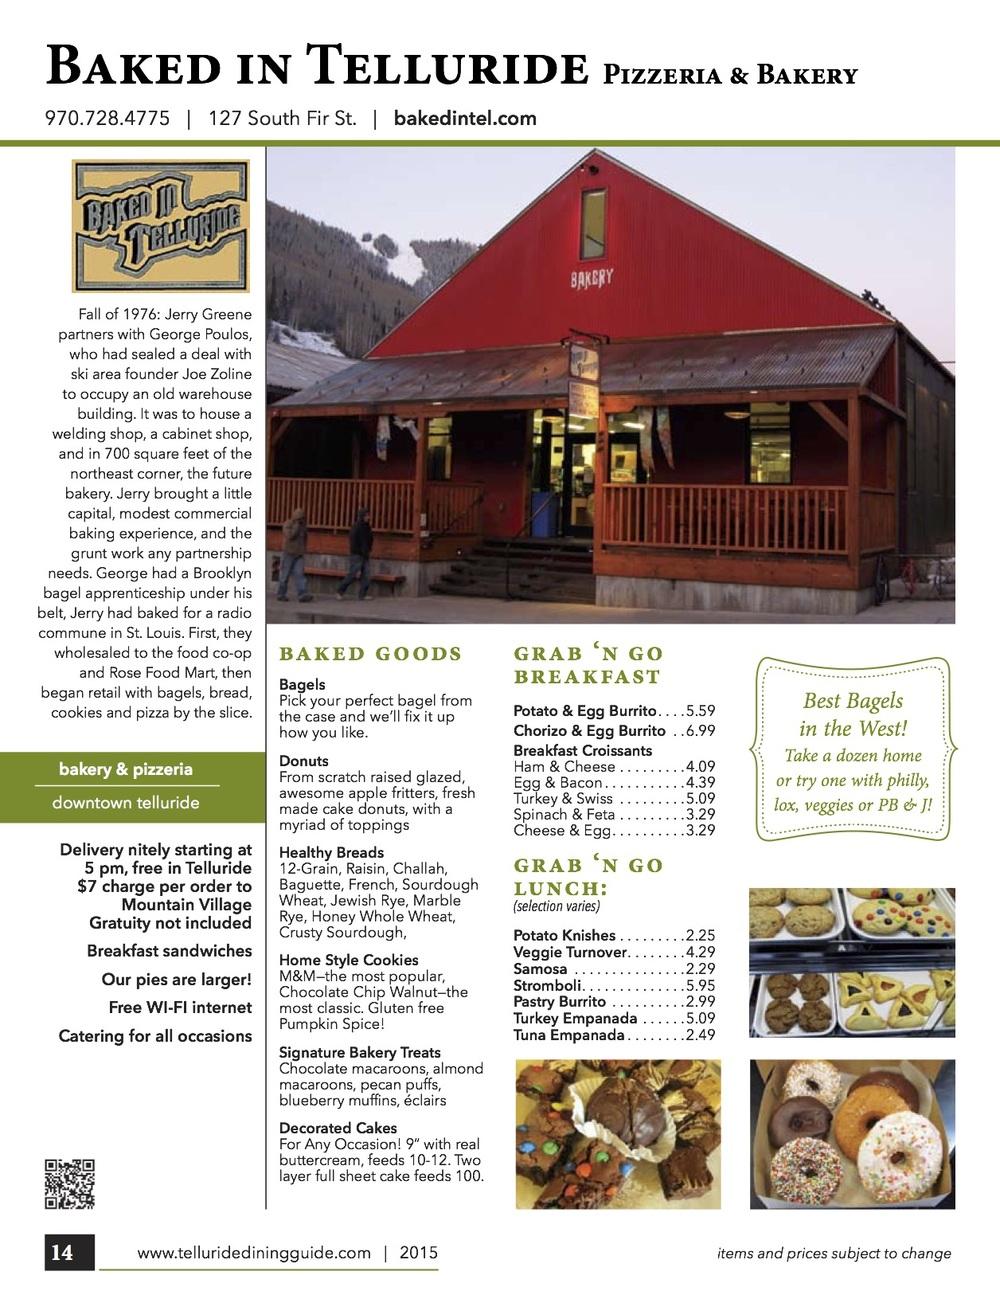 dining guide 2014-2015.jpg